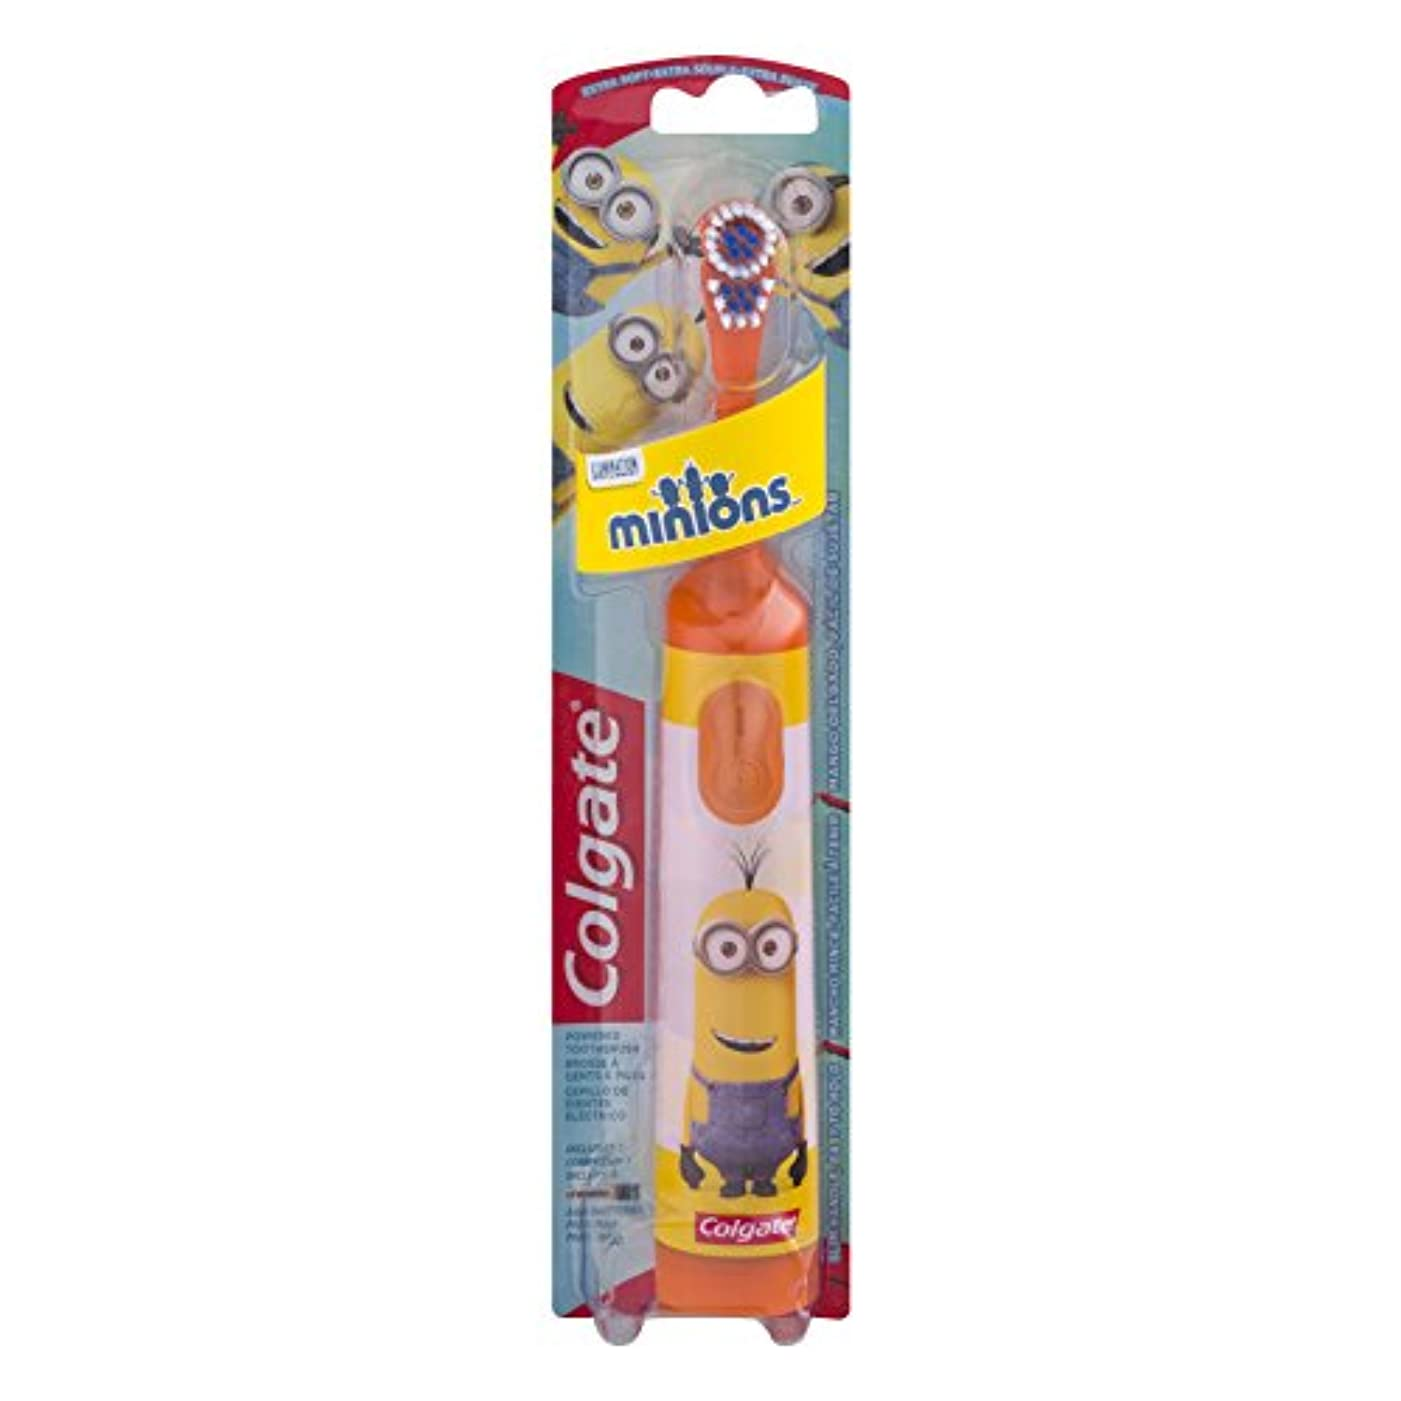 住むスーツ審判Colgate キッズ手下バッテリ駆動歯ブラシ - 1CT - 色やデザインは変更になる場合があります